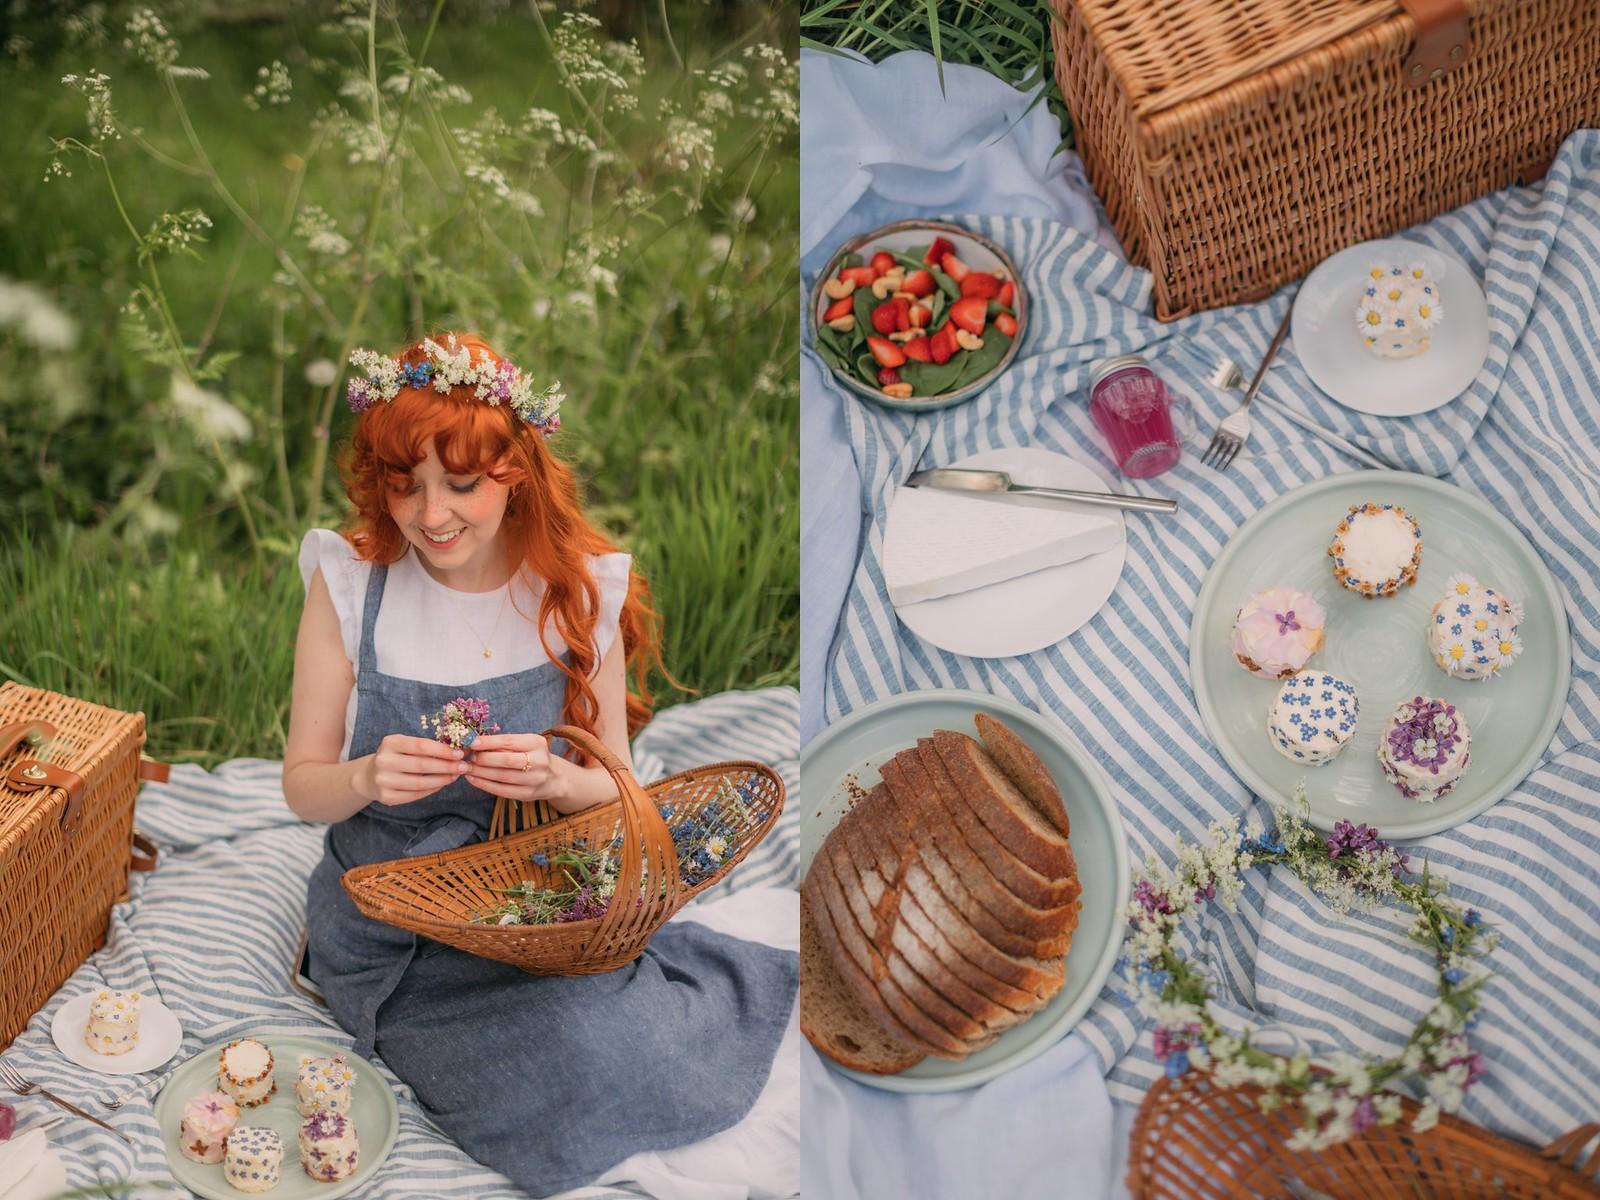 spring hobbit,hobbithearted, cottagecore, cottagecore dress, cottagefairy, fairycore, magiclinen, folk fashion, picnic, spring picnic, linen picnic